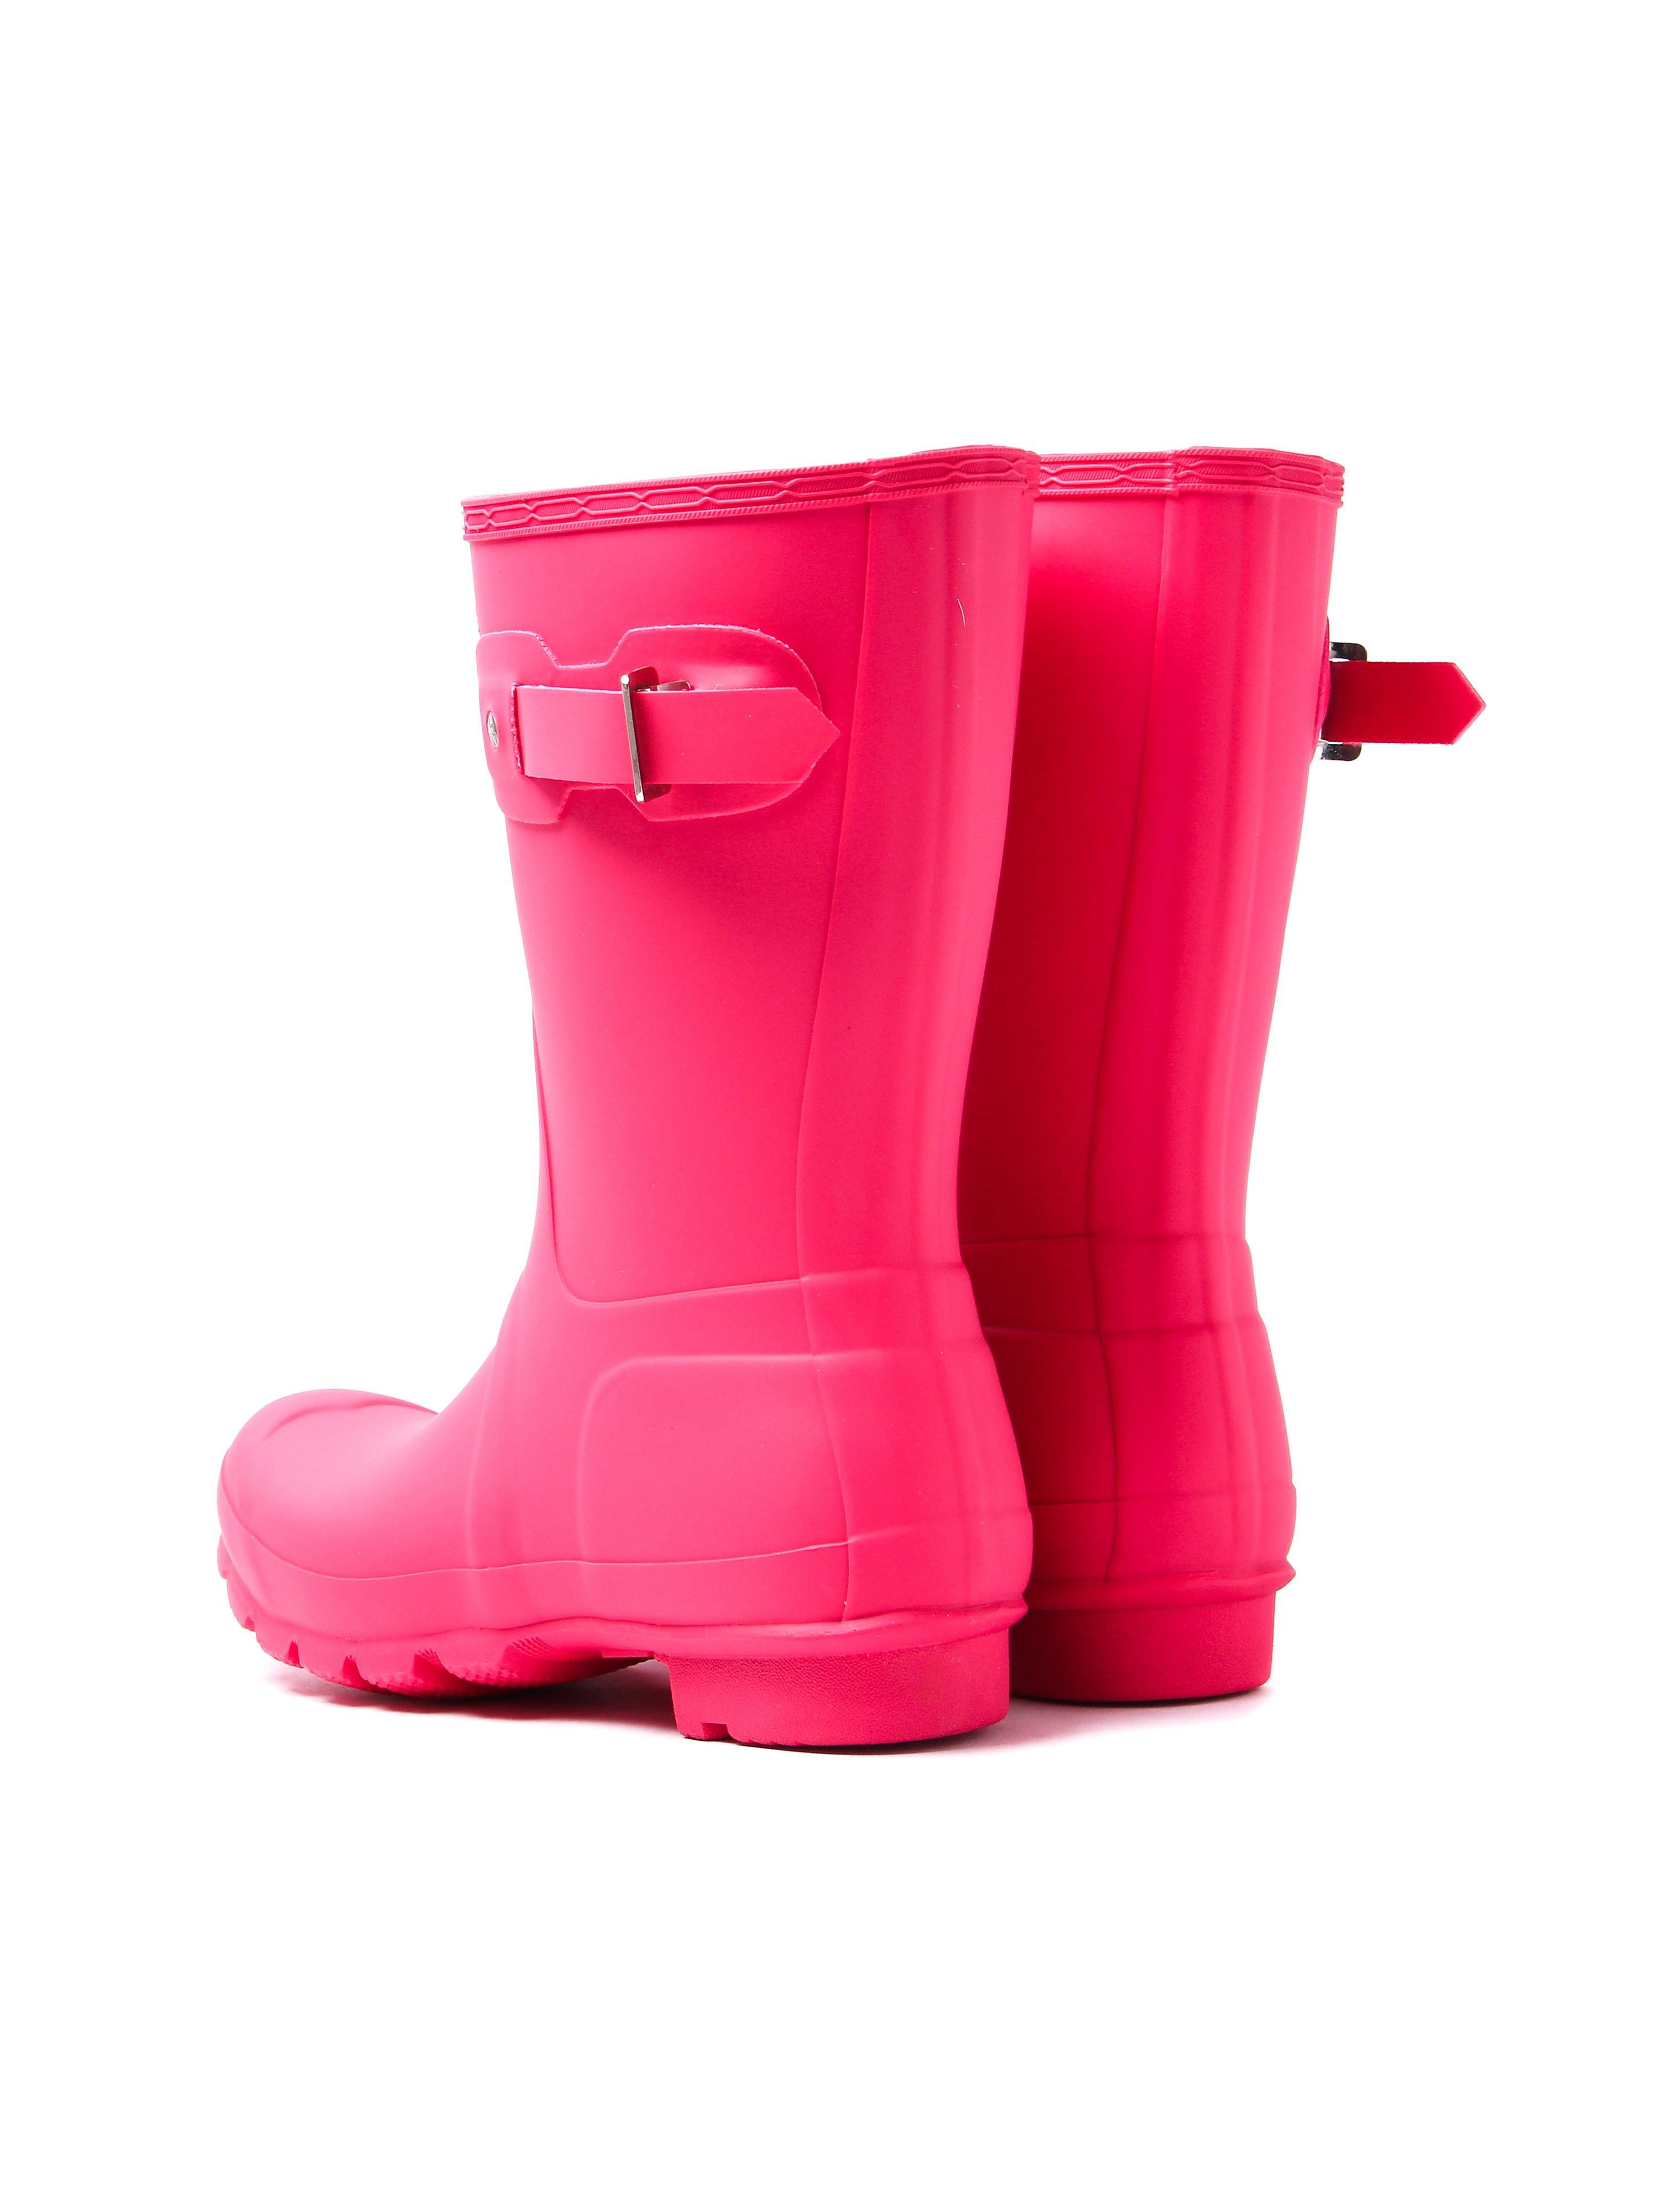 Hunter Wellies Women's Original Short Wellington Boots - Bright Pink